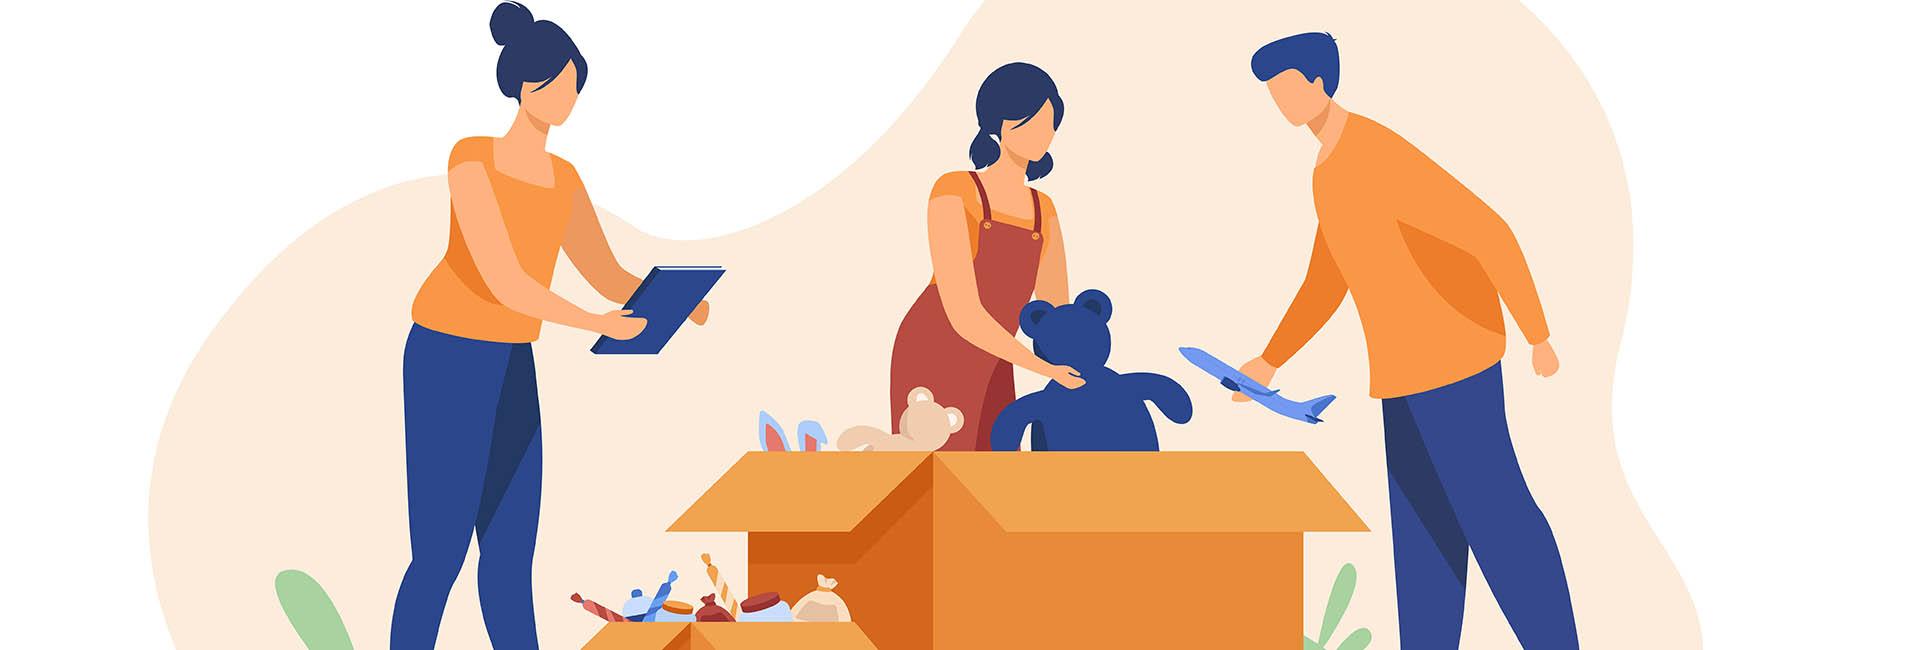 Children organizations